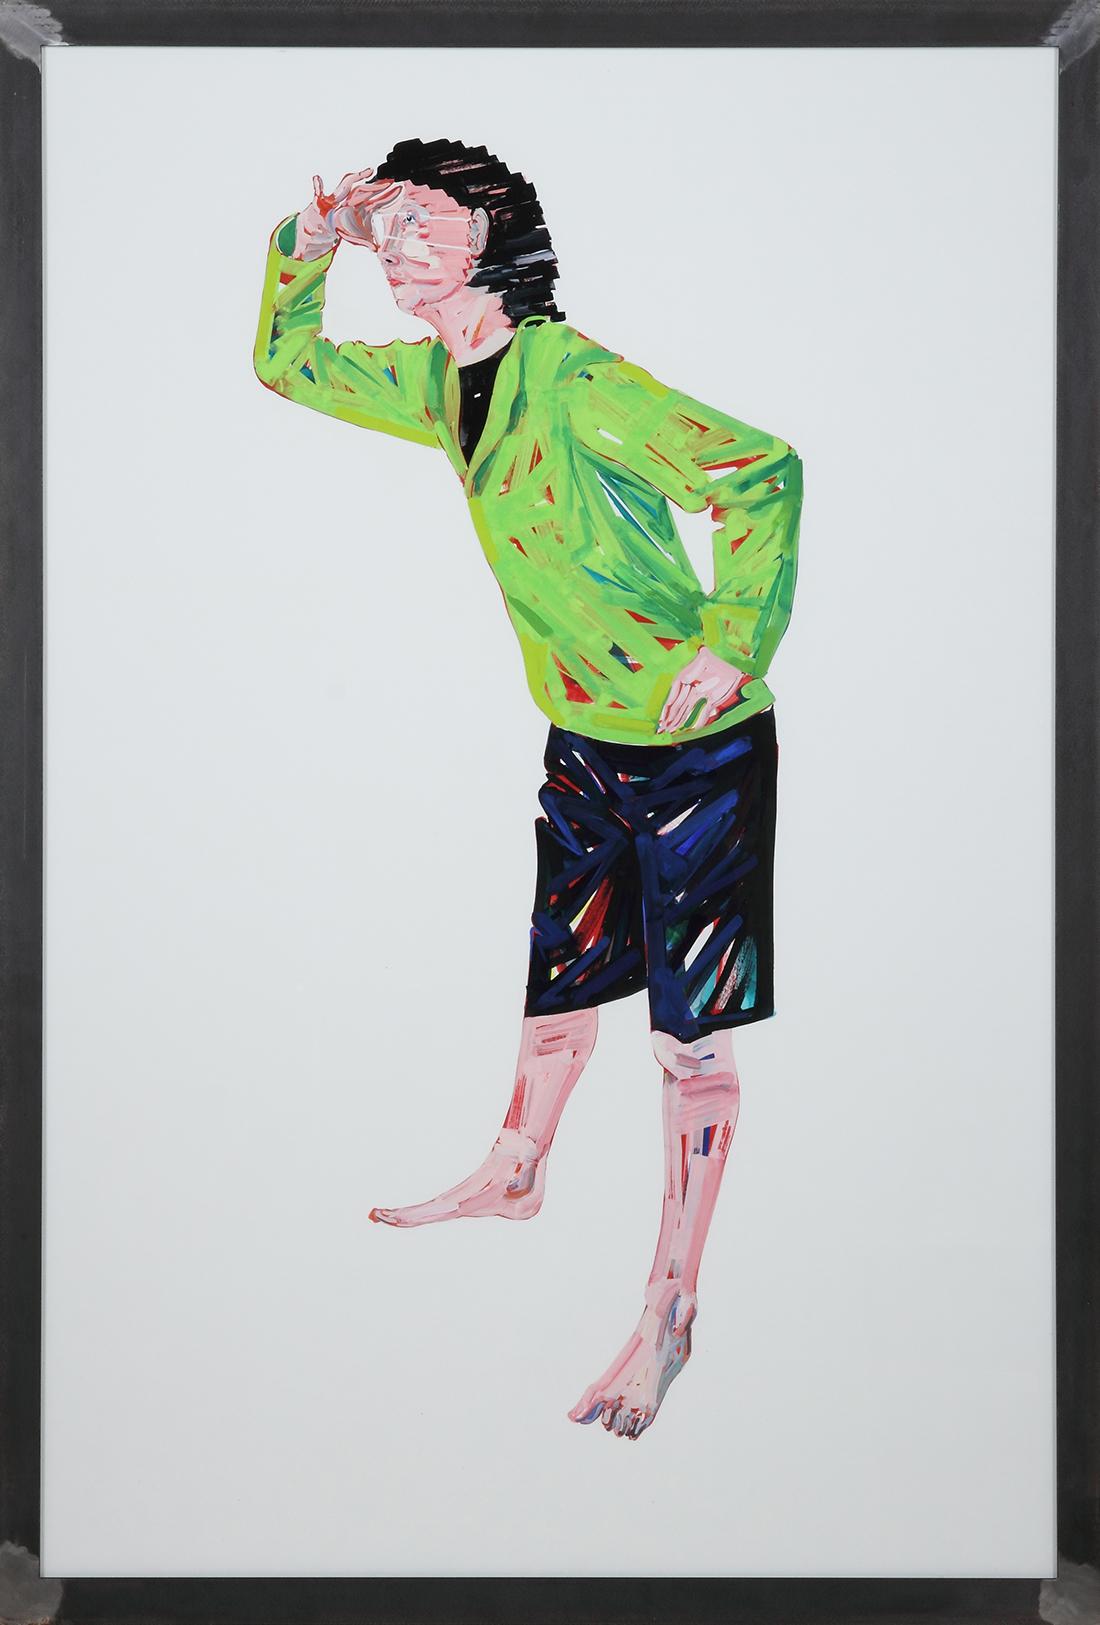 ミルコ<br /> 2013  紙にアクリルガッシュ、顔料、ガラス、鉄<br /> 171×120×5cm  <br /> ©O JUN, Courtesy of Mizuma Art Gallery<br /> 撮影:宮島径